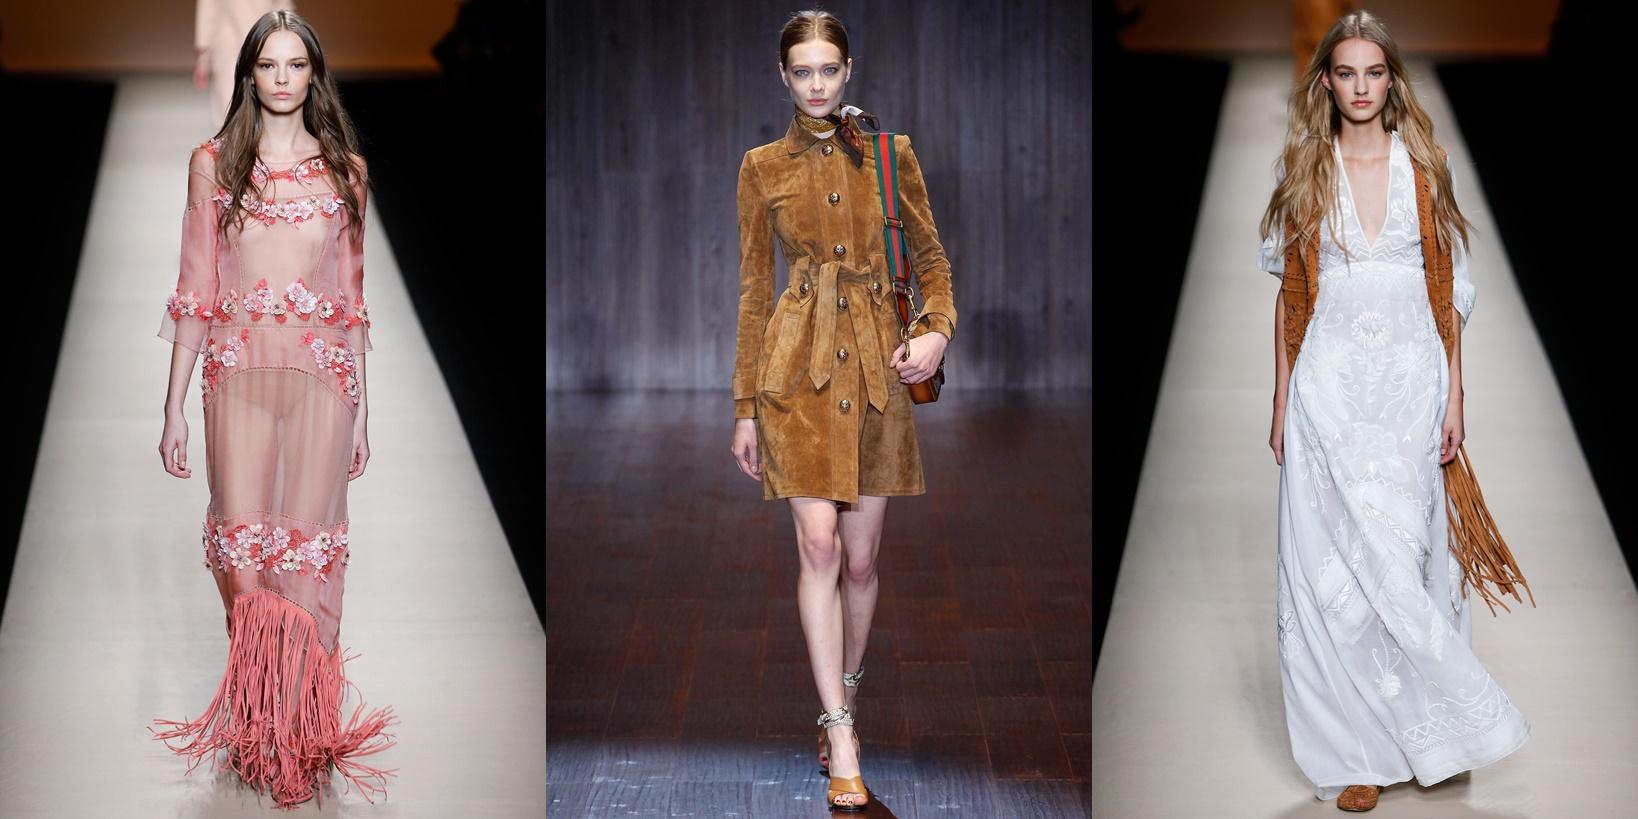 Trends during Spring/Summer 2014 Fashion Week - Fringe | emma-elsewhere.com